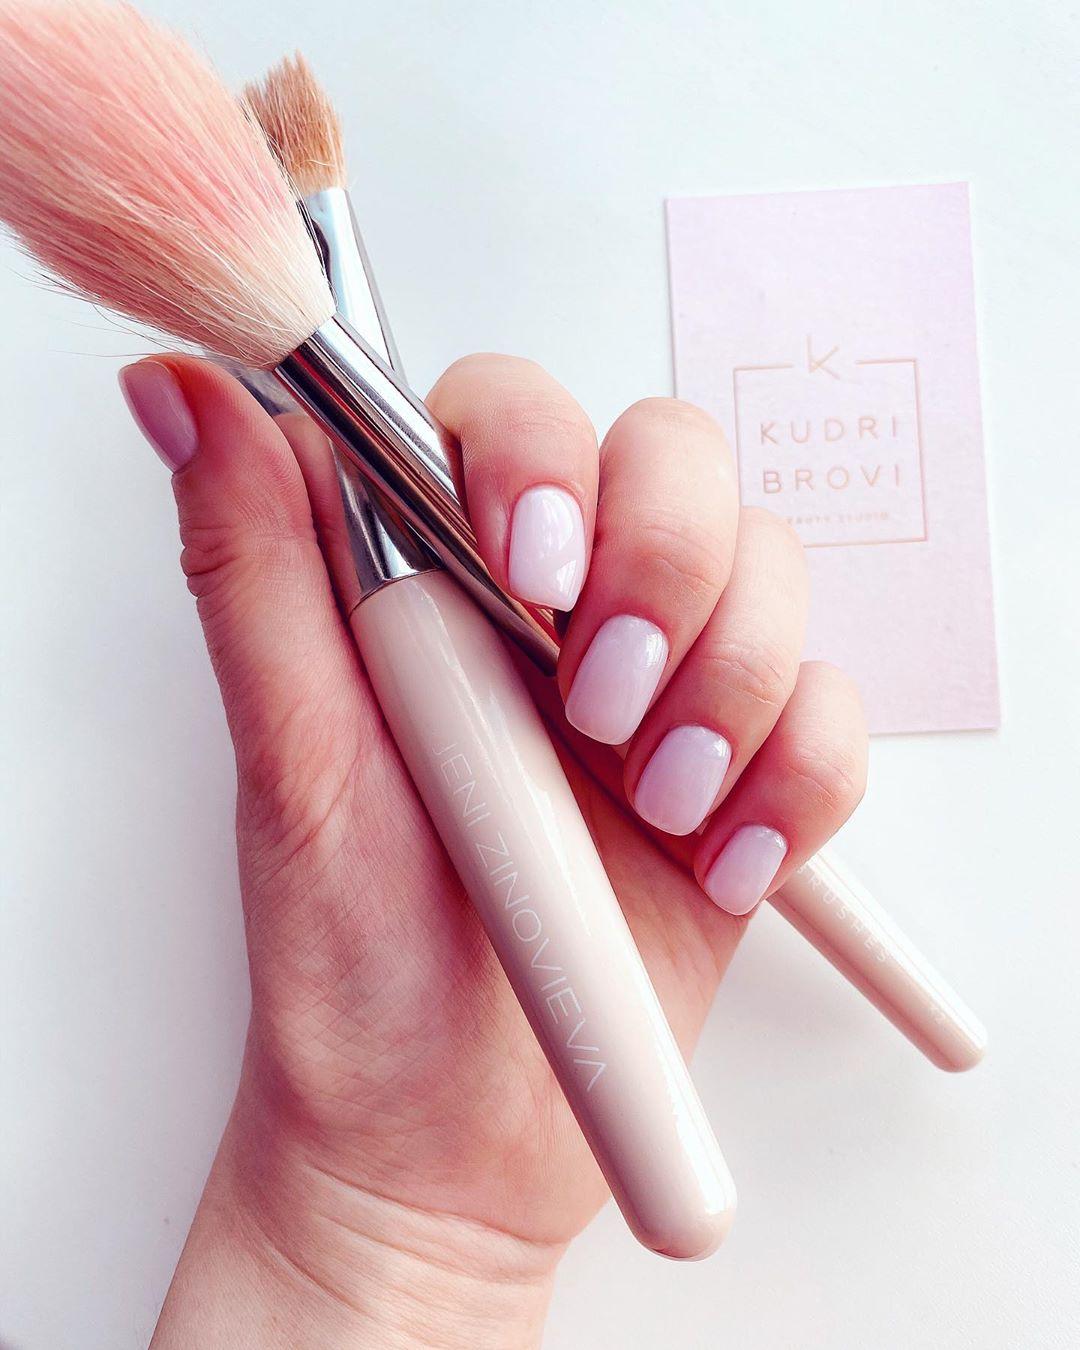 Аксессуары для макияжа: кисть для румян: как выбрать аксессуар